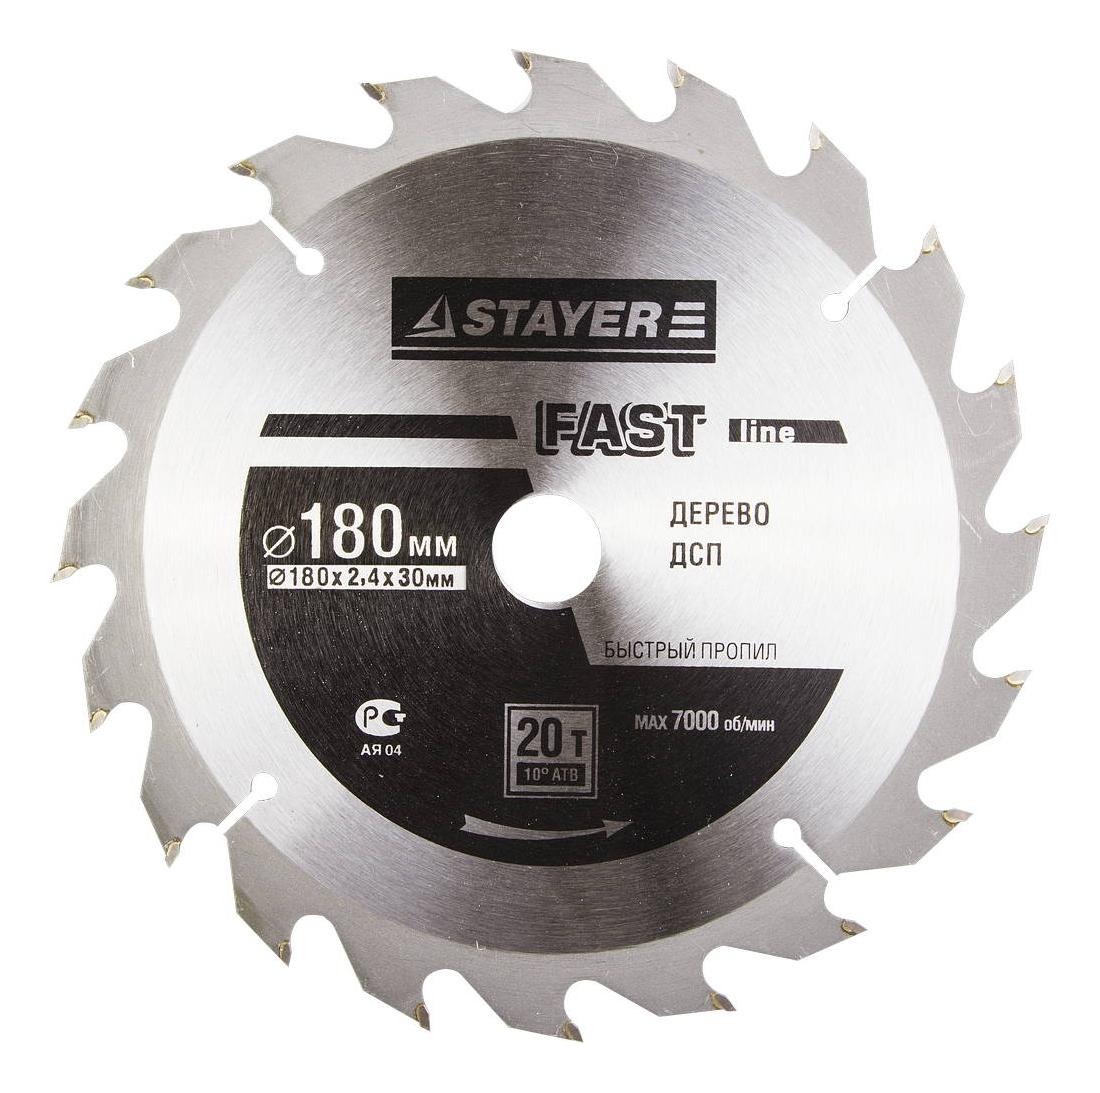 Диск по дереву для дисковых пил Stayer 3680-180-30-20 фото